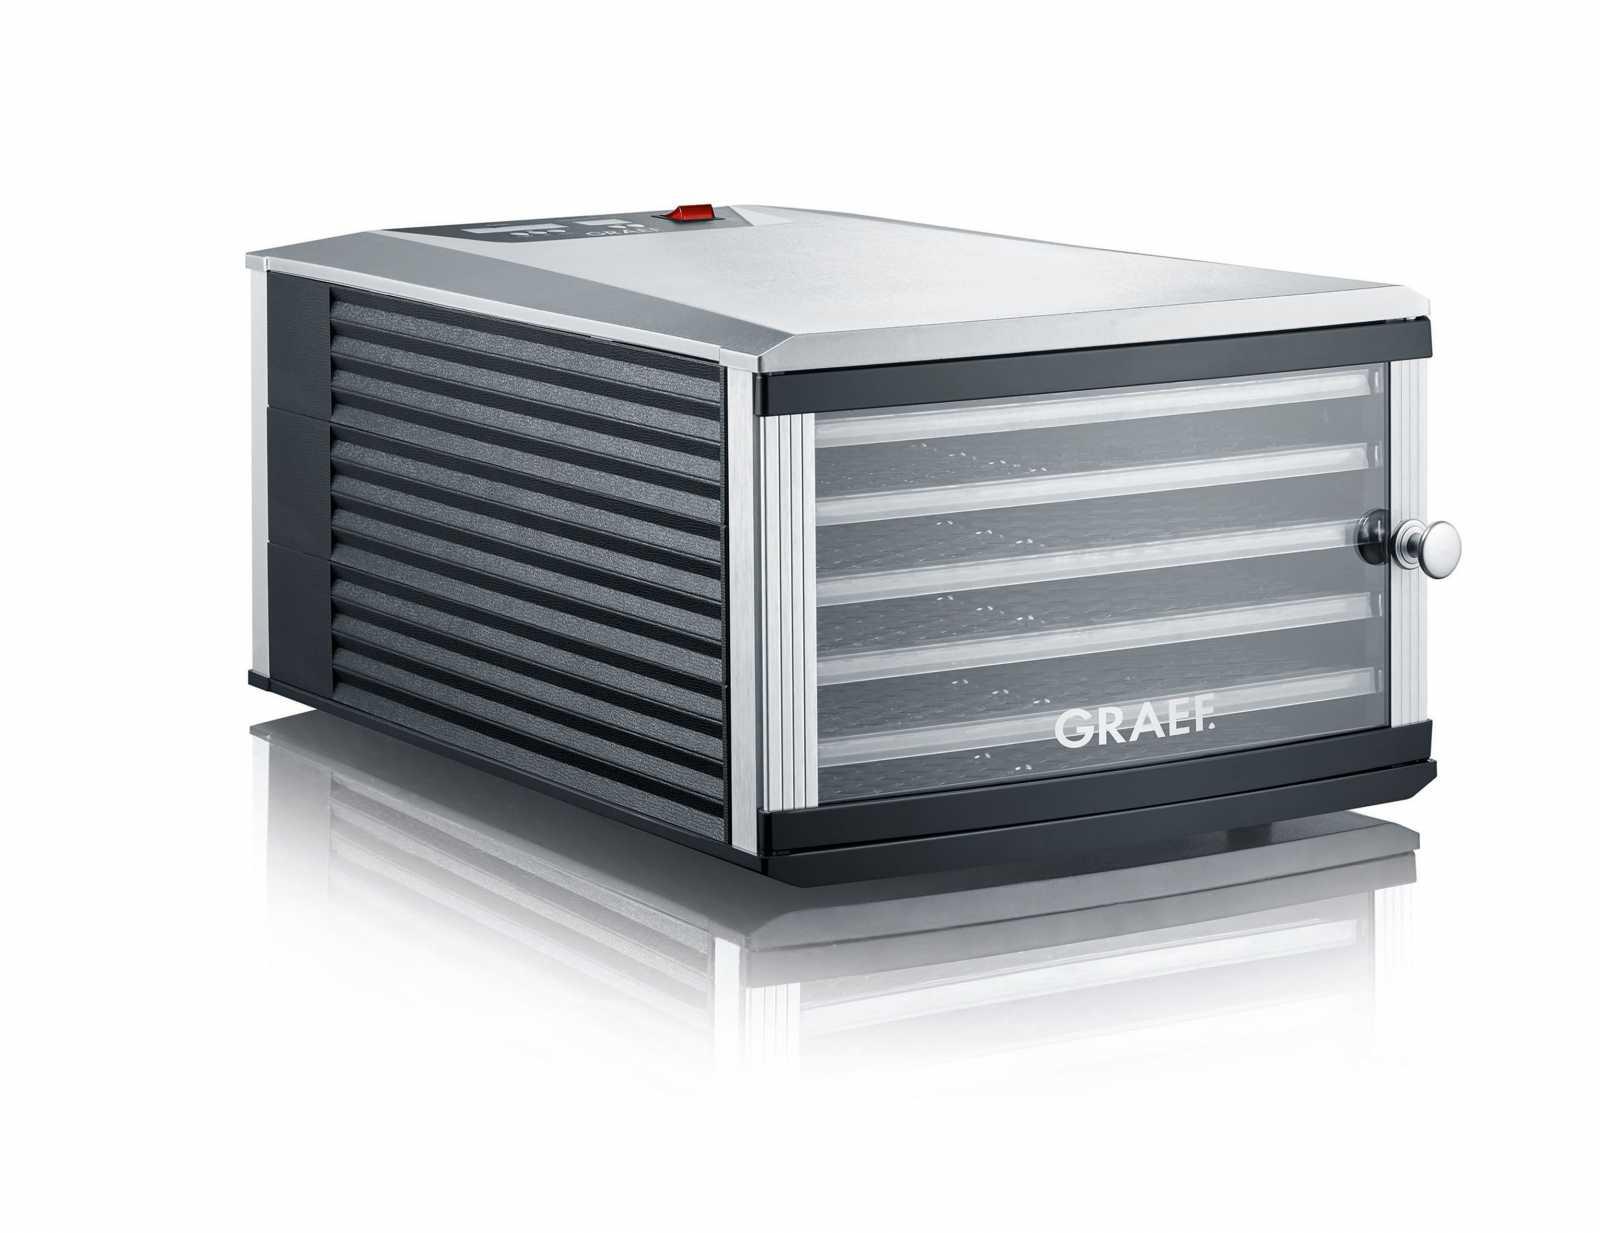 Онлайн каталог PROMENU: Дегидратор DA506 Graef, с термостатом, 6 поддонов, серый Graef DA 506